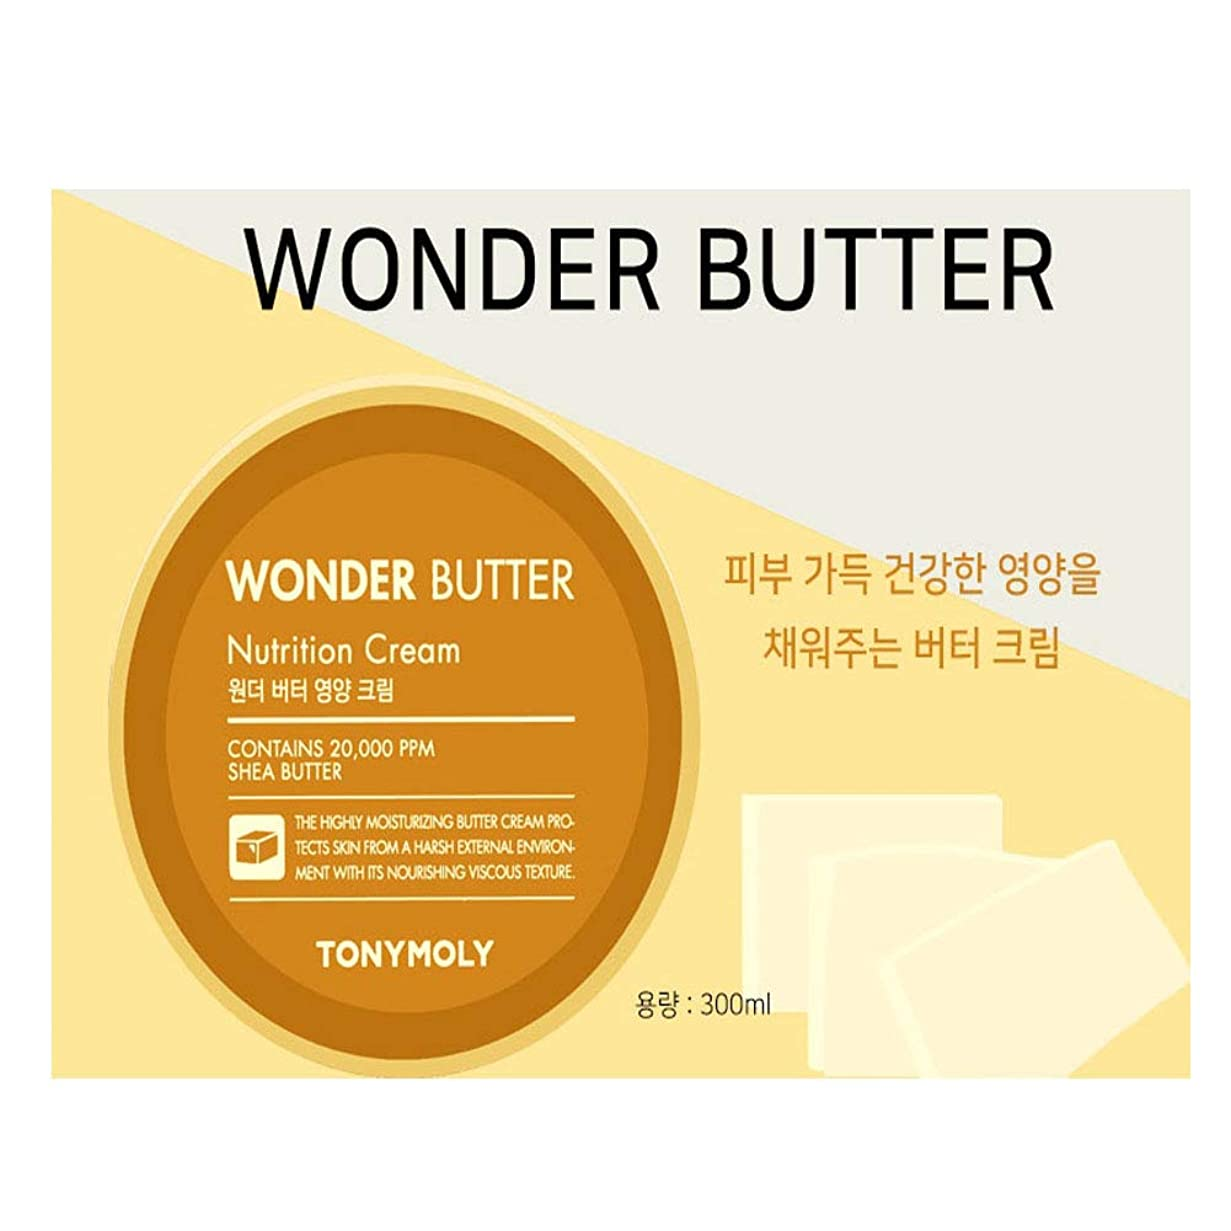 薄暗い吐くゴールデントニーモリーワンダーバター栄養クリーム300ml x 2本セット、Tonymoly Wonder Butter Nutrition Cream 300ml x 2ea Set [並行輸入品]